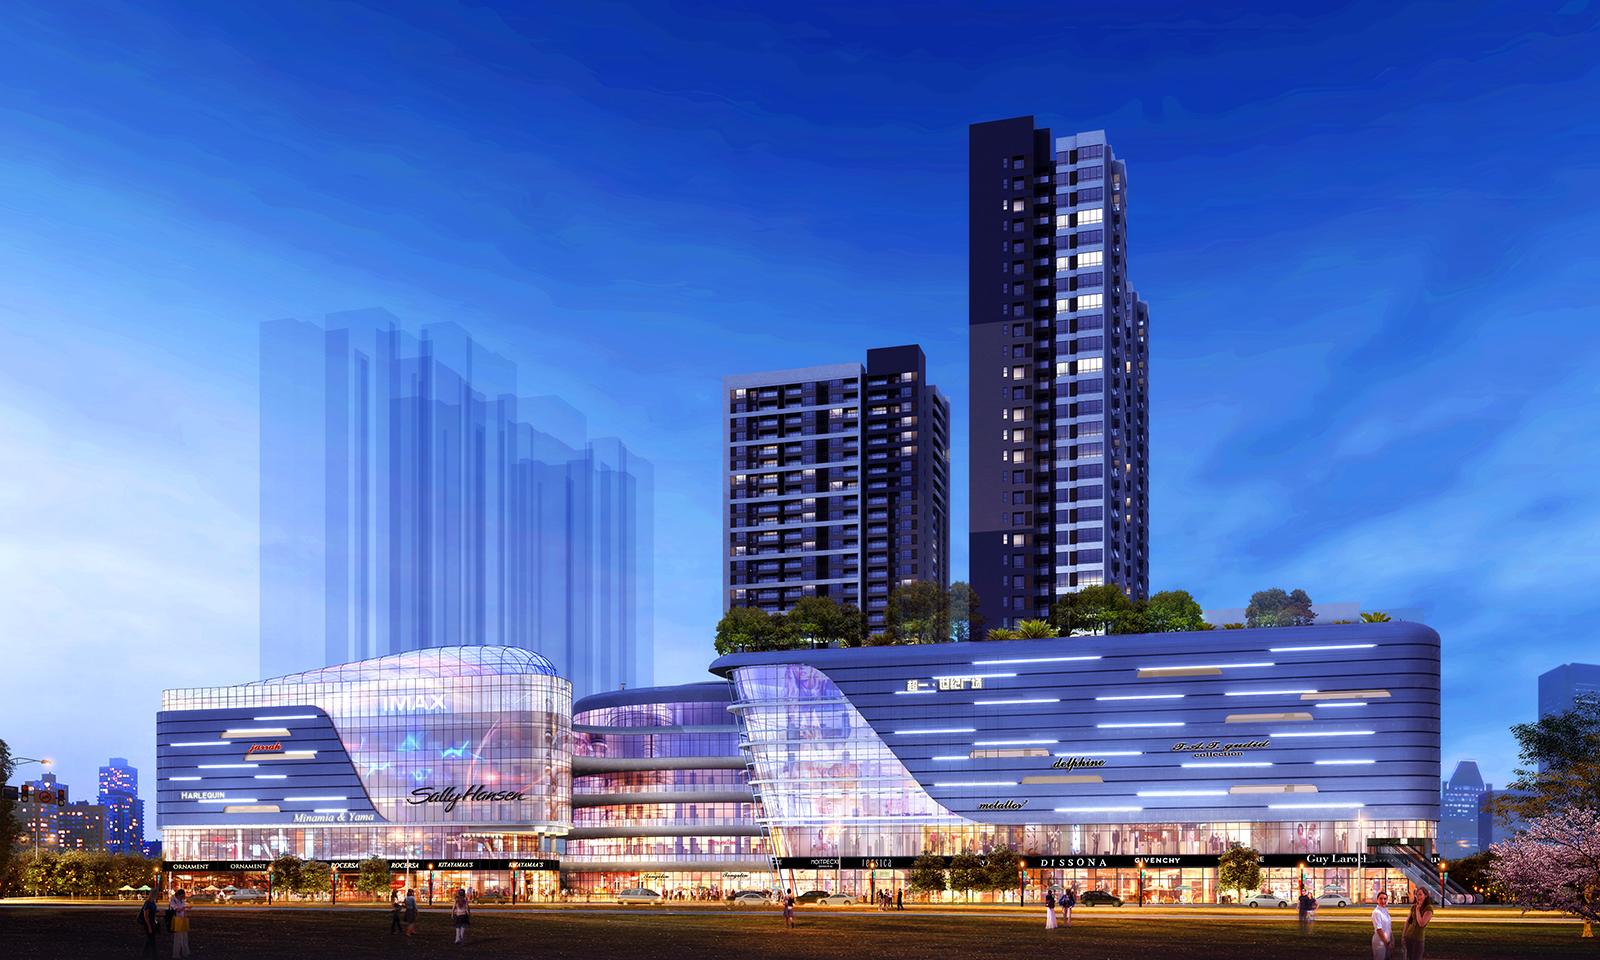 仁怀超一世纪广场,独立旺铺8月27号盛大认筹,投资租赁旺铺,即买即赚。